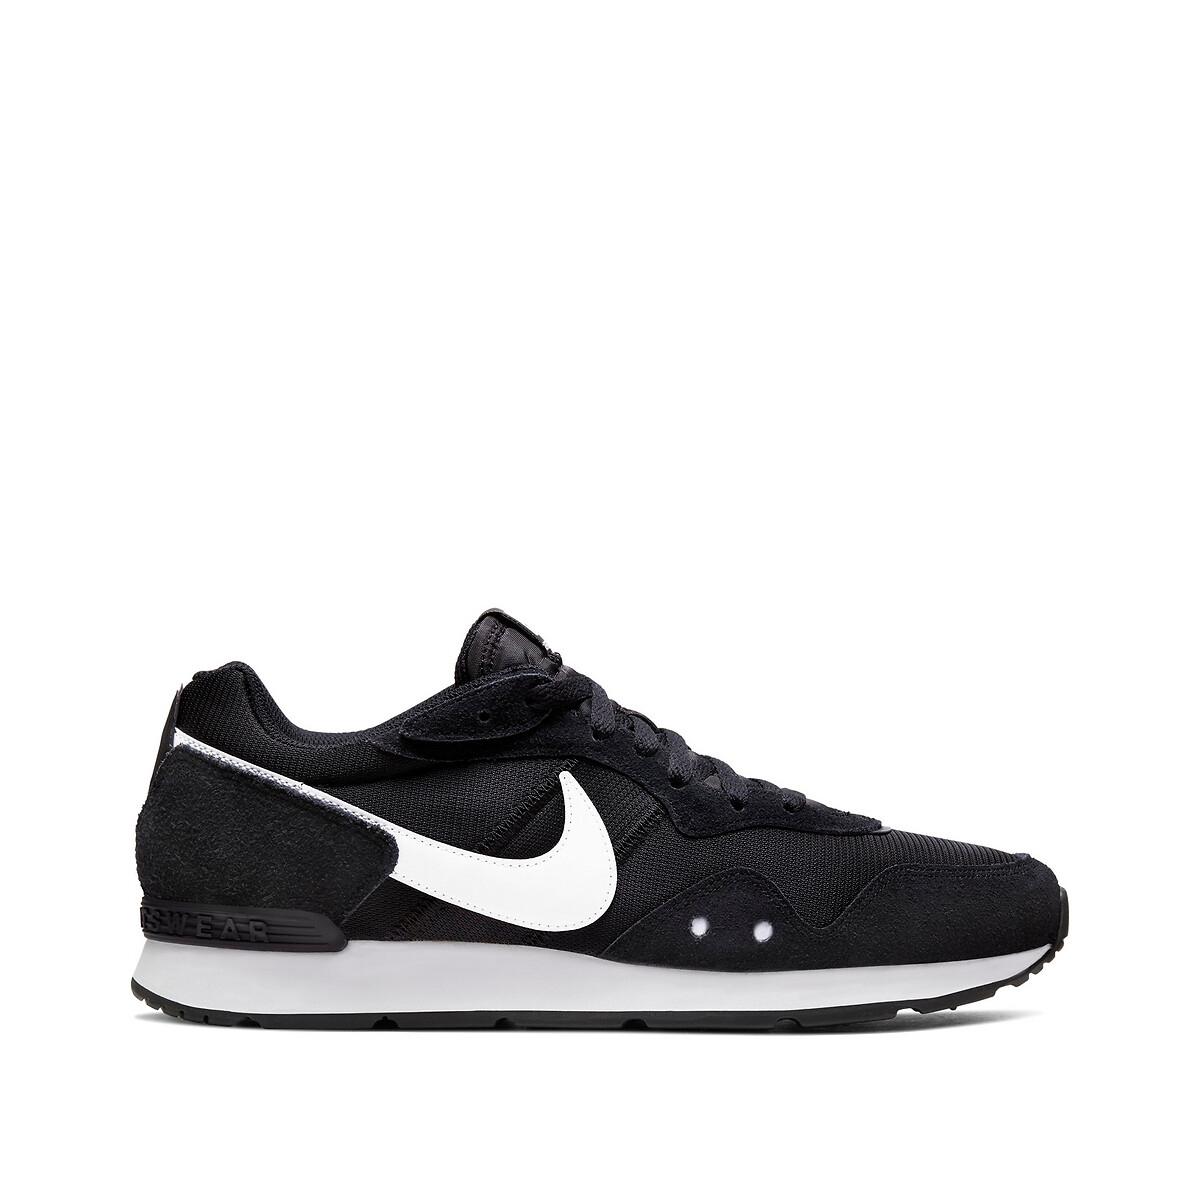 Nike Sneakers Venture Runner Grijs/Wit/Zwart online kopen